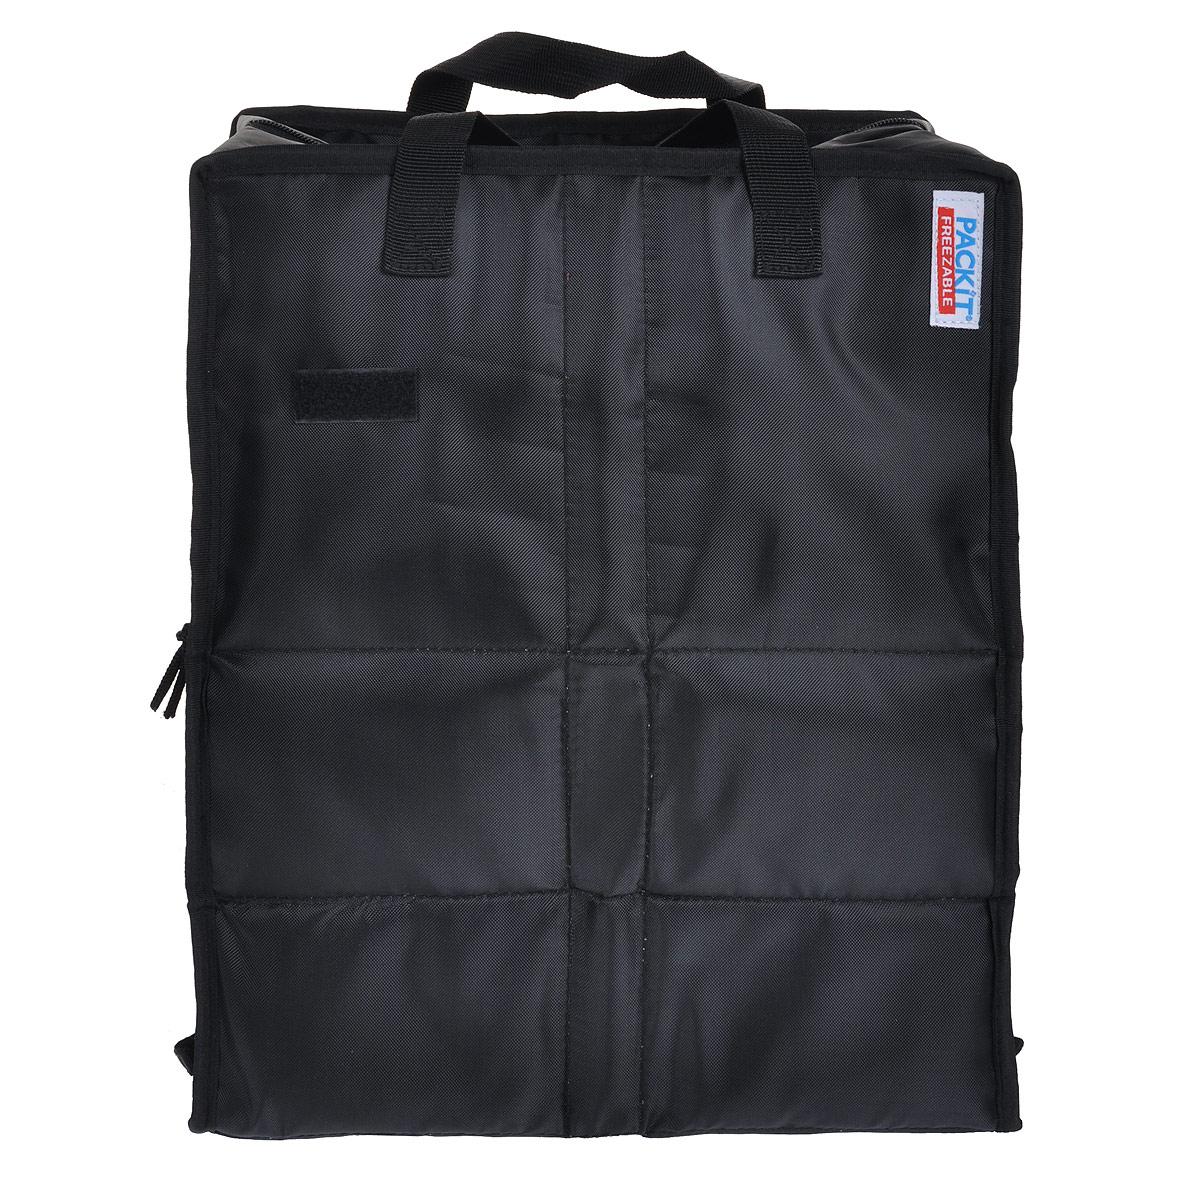 Сумка хозяйственная PACKIT Shop Cooler, изотермическая, цвет: черный. PKT-SH-BLAPKT-SH-BLA